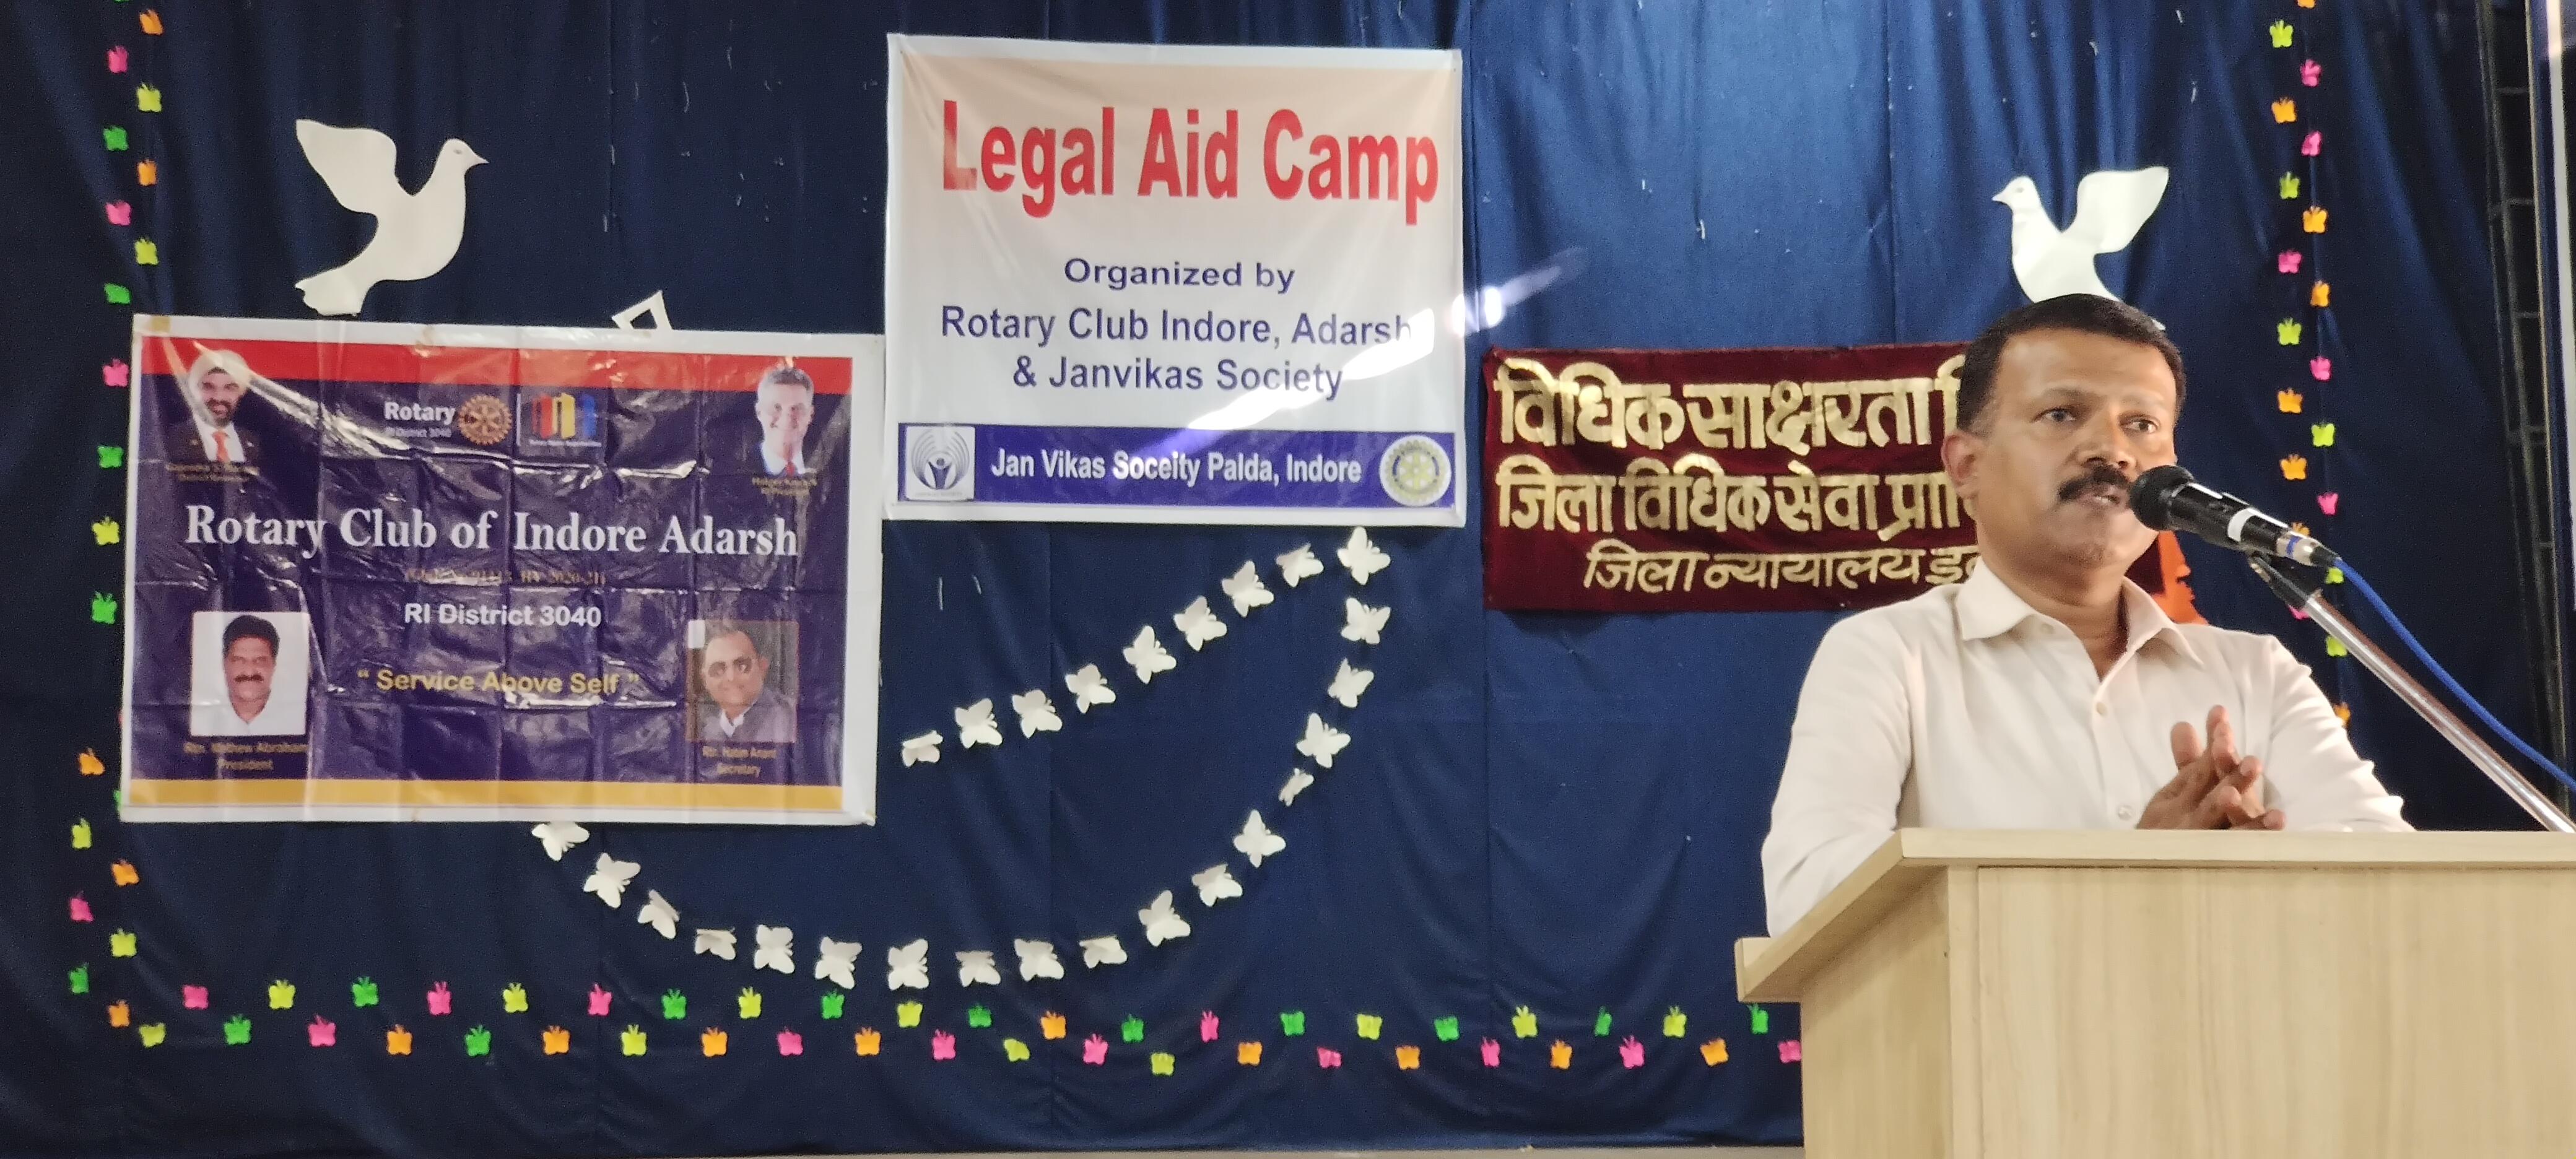 Legal Aid Camp